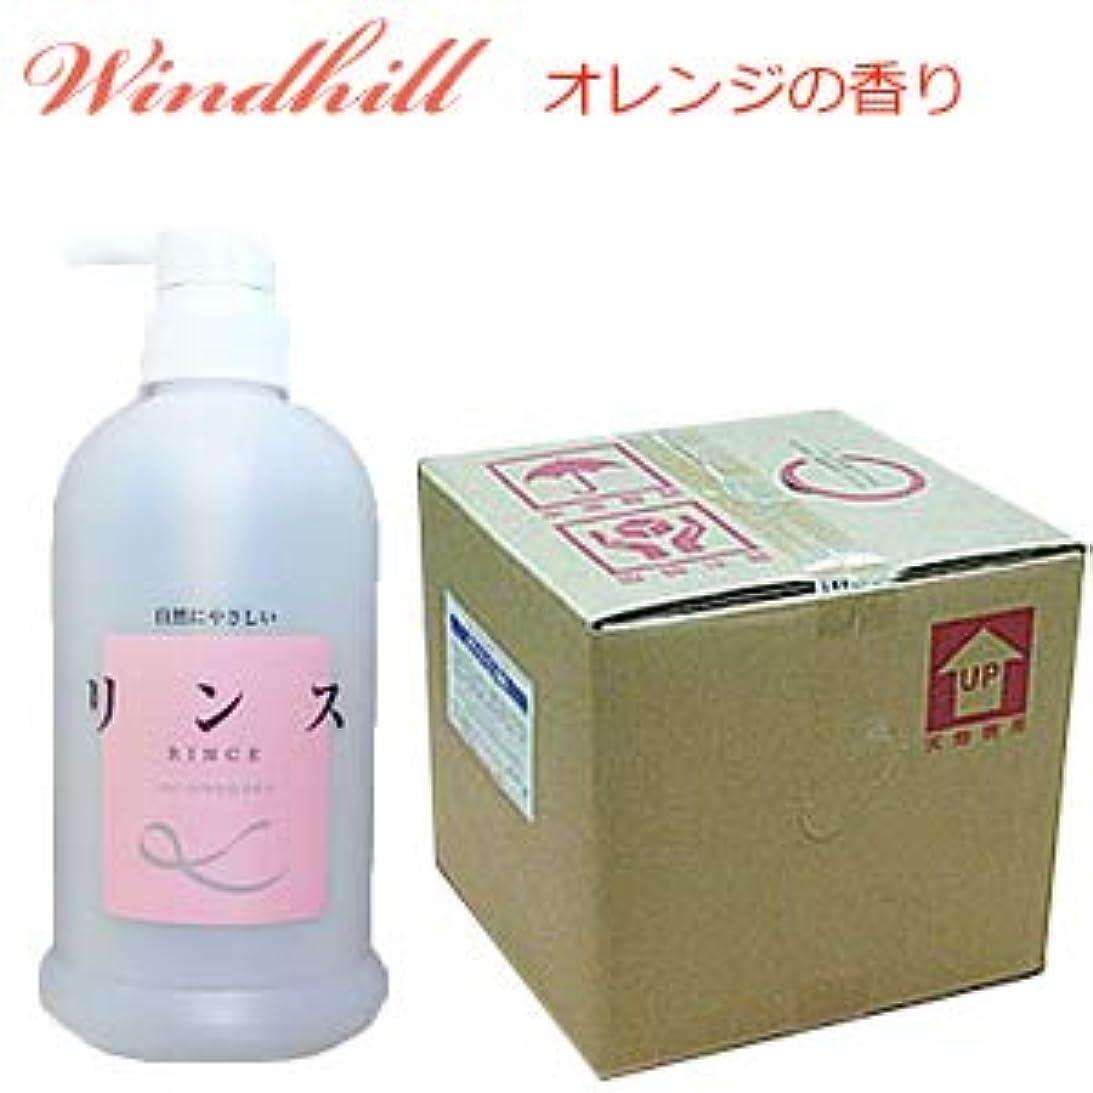 チェリーガレージ縫い目Windhill 植物性 業務用リンスオレンジの香り 20L(1セット20L入)